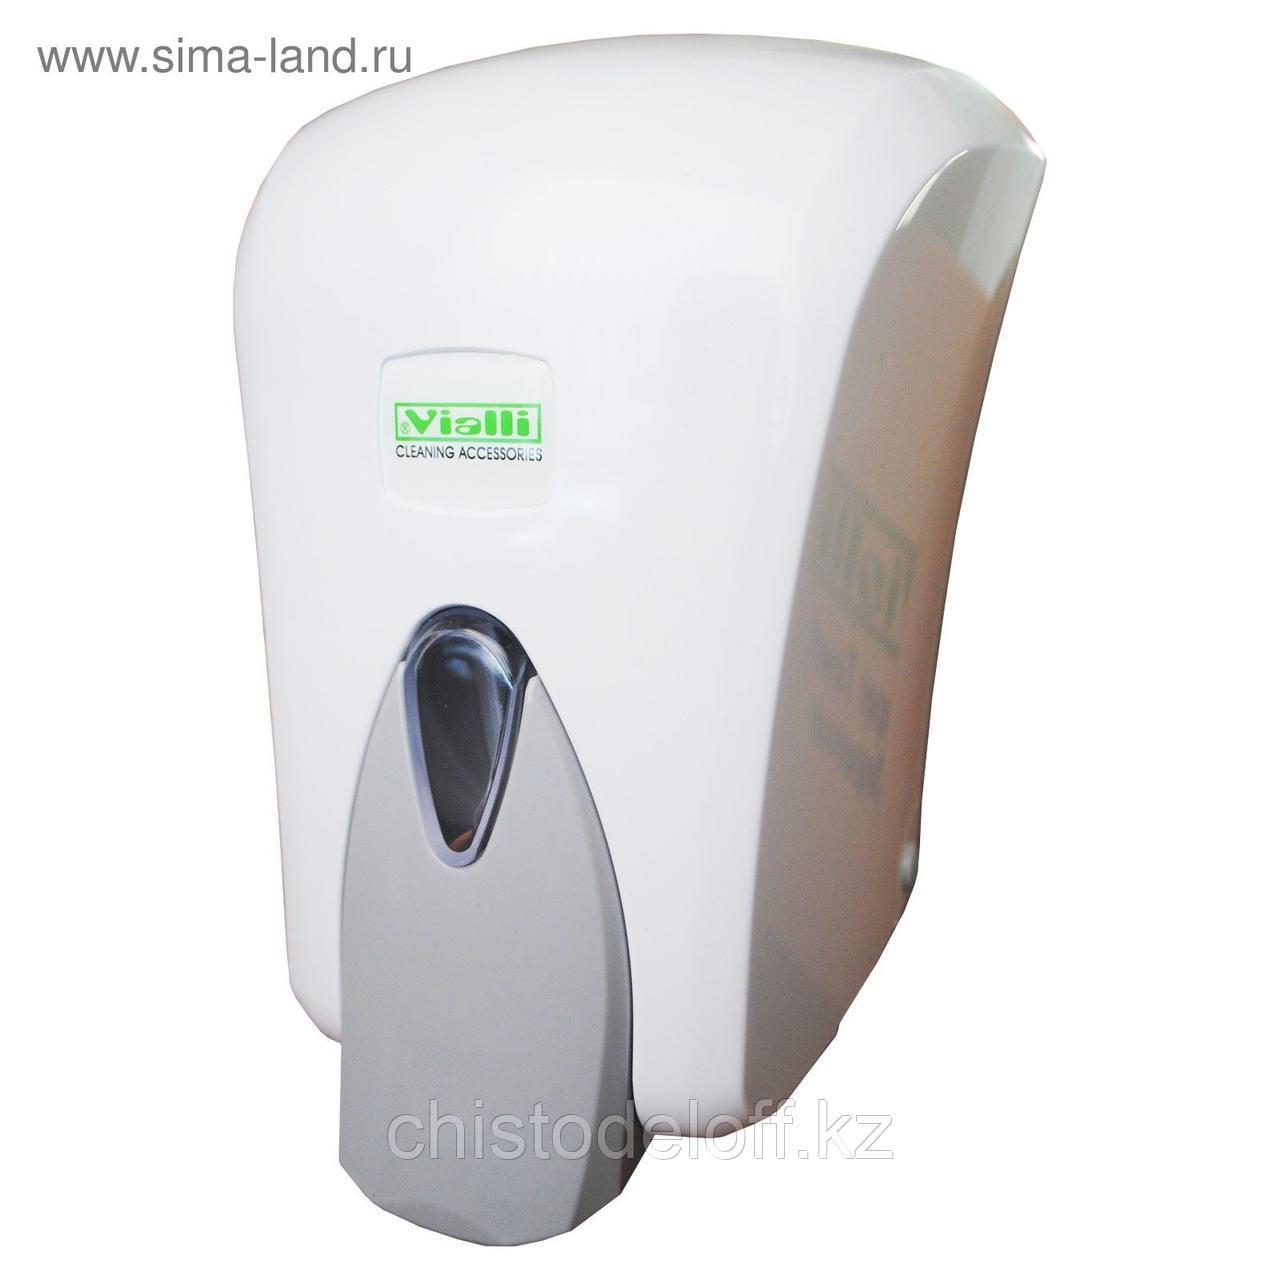 Диспенсер Vialli  S5 для жидкого мыла с помпой